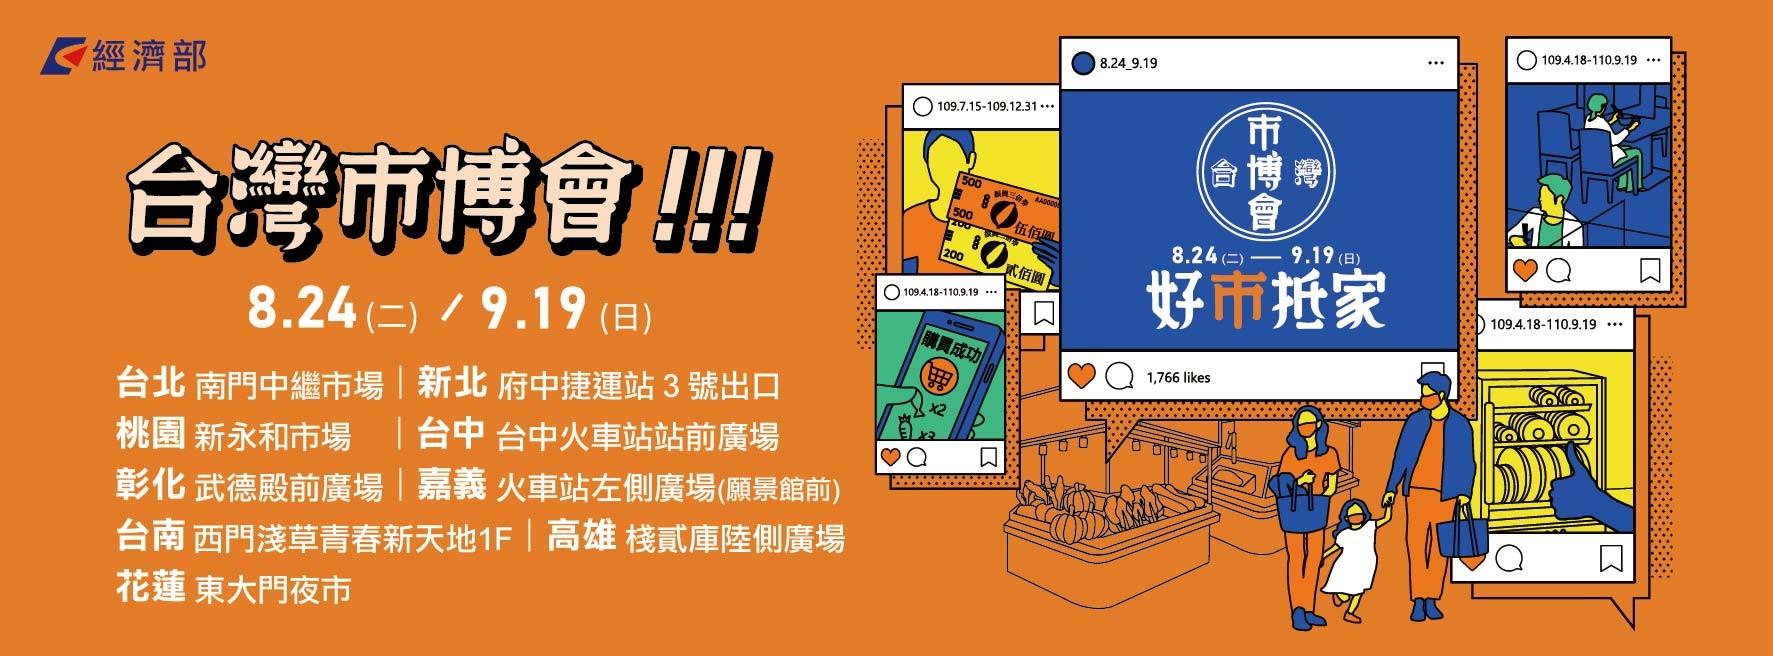 「臺灣市博會-好市抵家」策展活動8月24日開跑